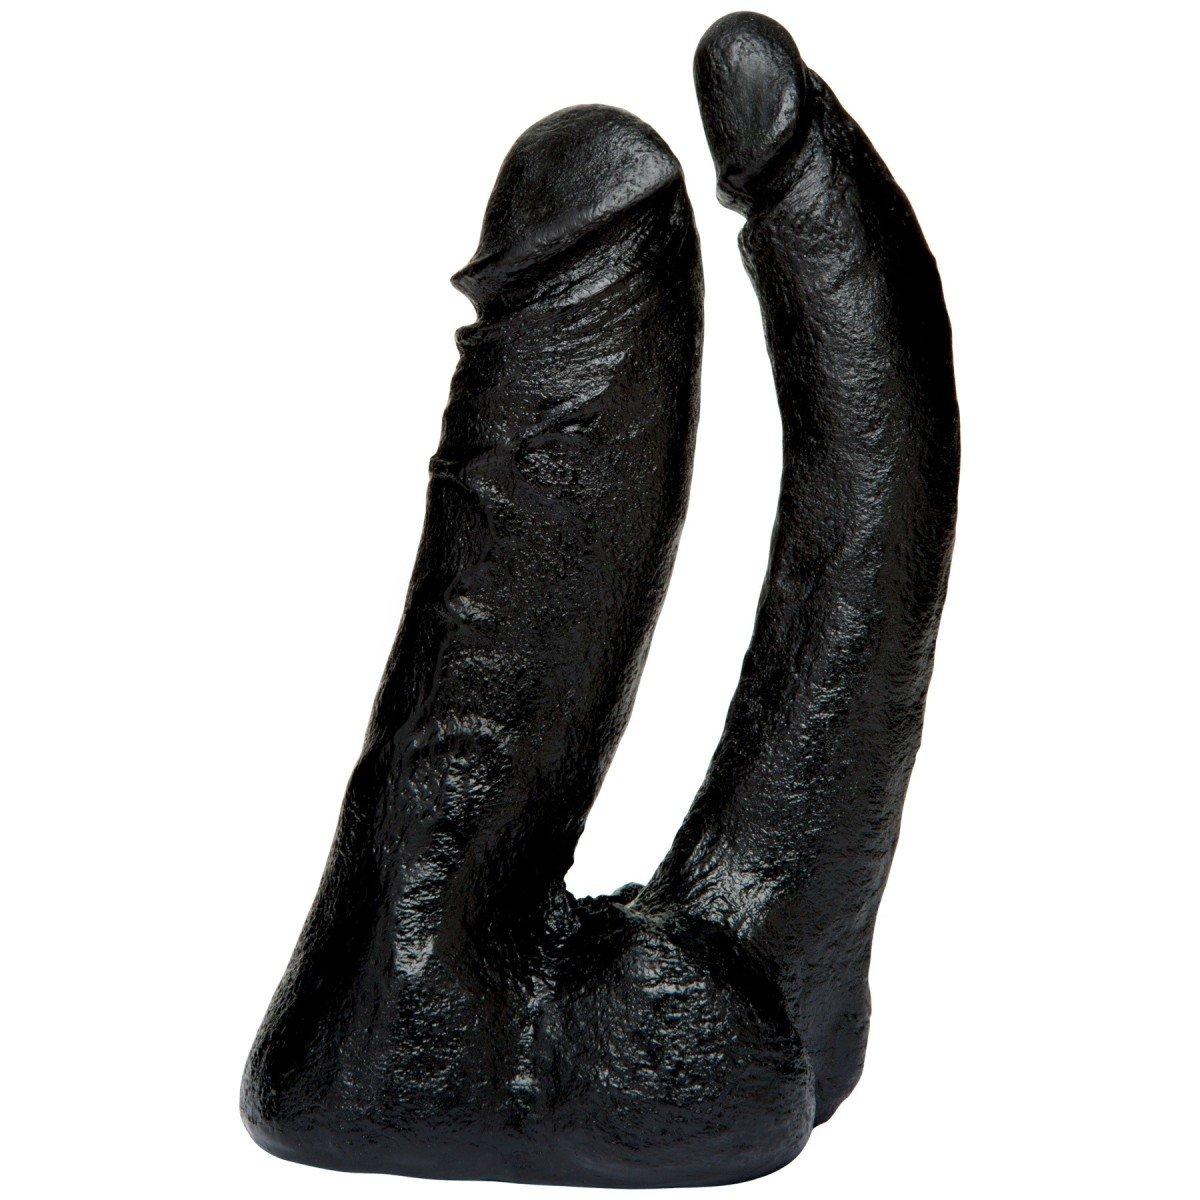 Doc Johnson Vac-U-Lock CodeBlack Double Penetrator, černé realistické dvojité dildo 17 x 3,7 / 2,5 cm